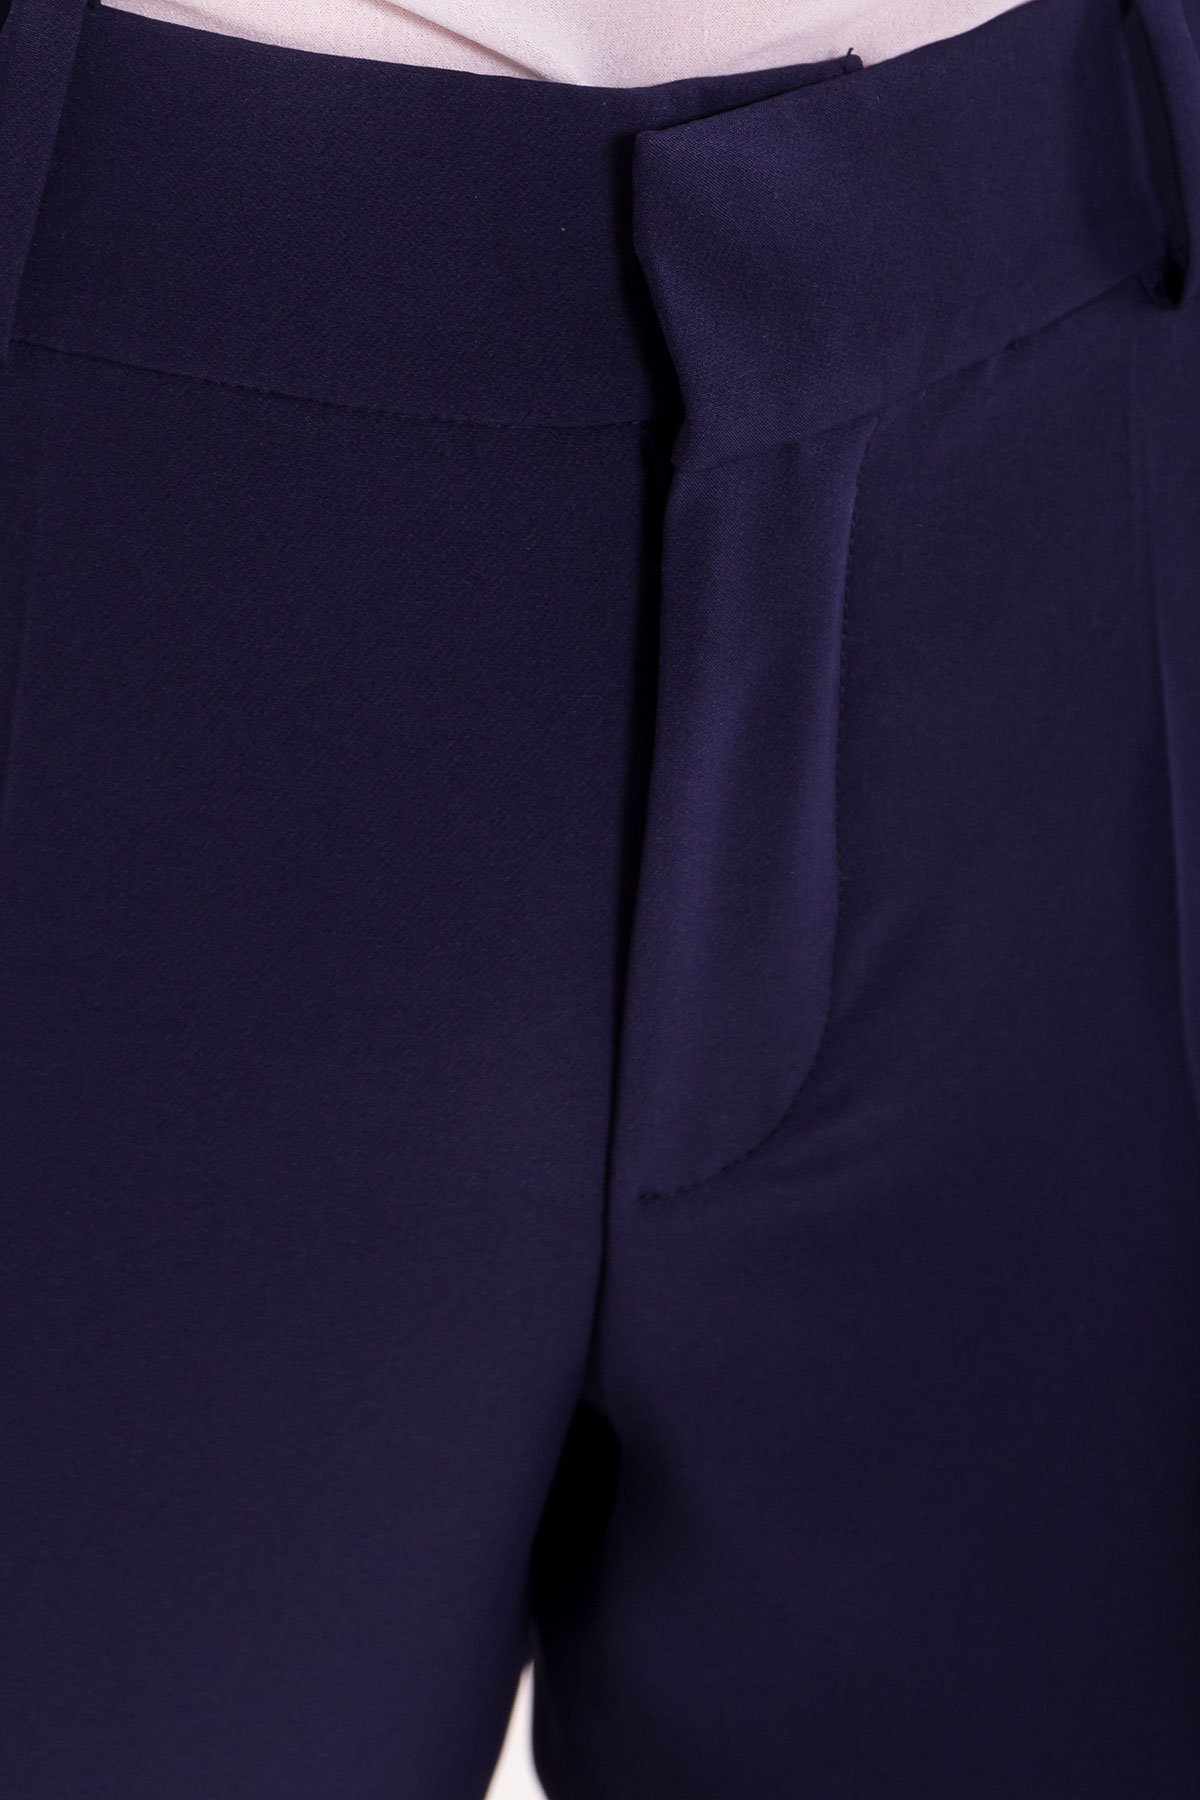 Брюки Эдвин 2467 АРТ. 15260 Цвет: Тёмно-синий - фото 7, интернет магазин tm-modus.ru